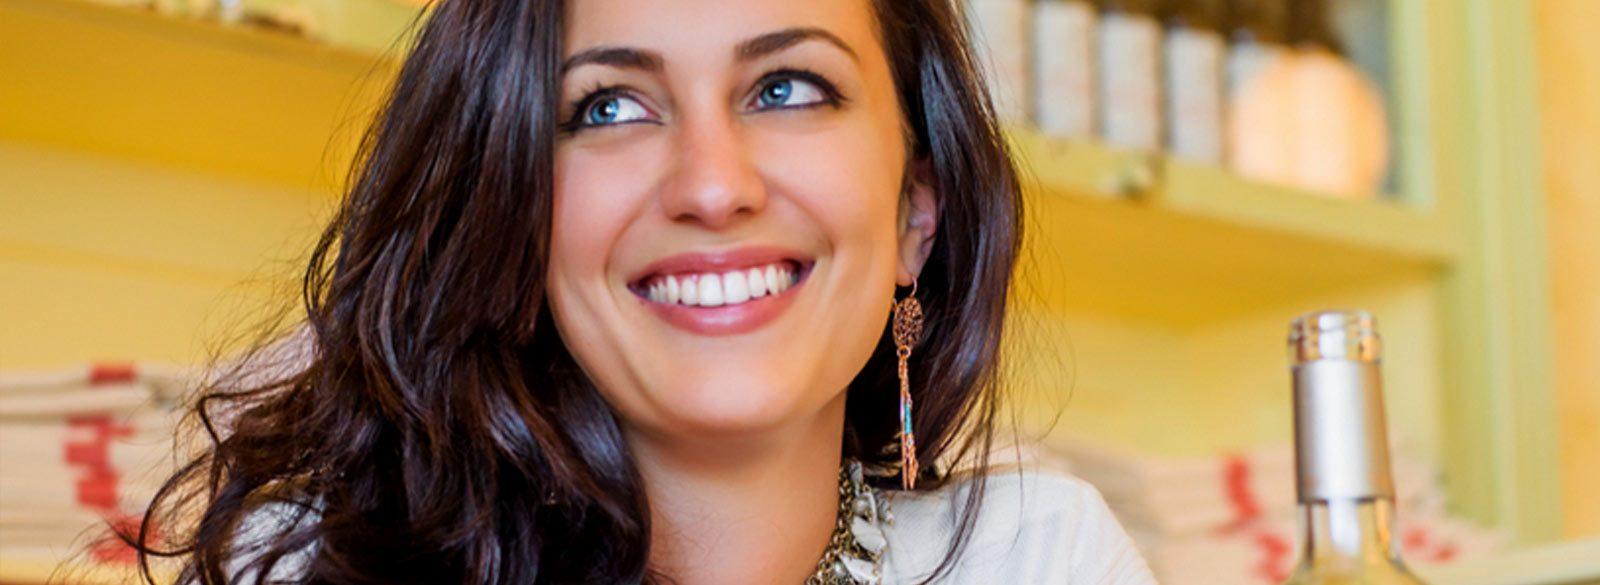 Hablamos con Mathilde Chapoutier, autora de los rosados revelación en la Provenza